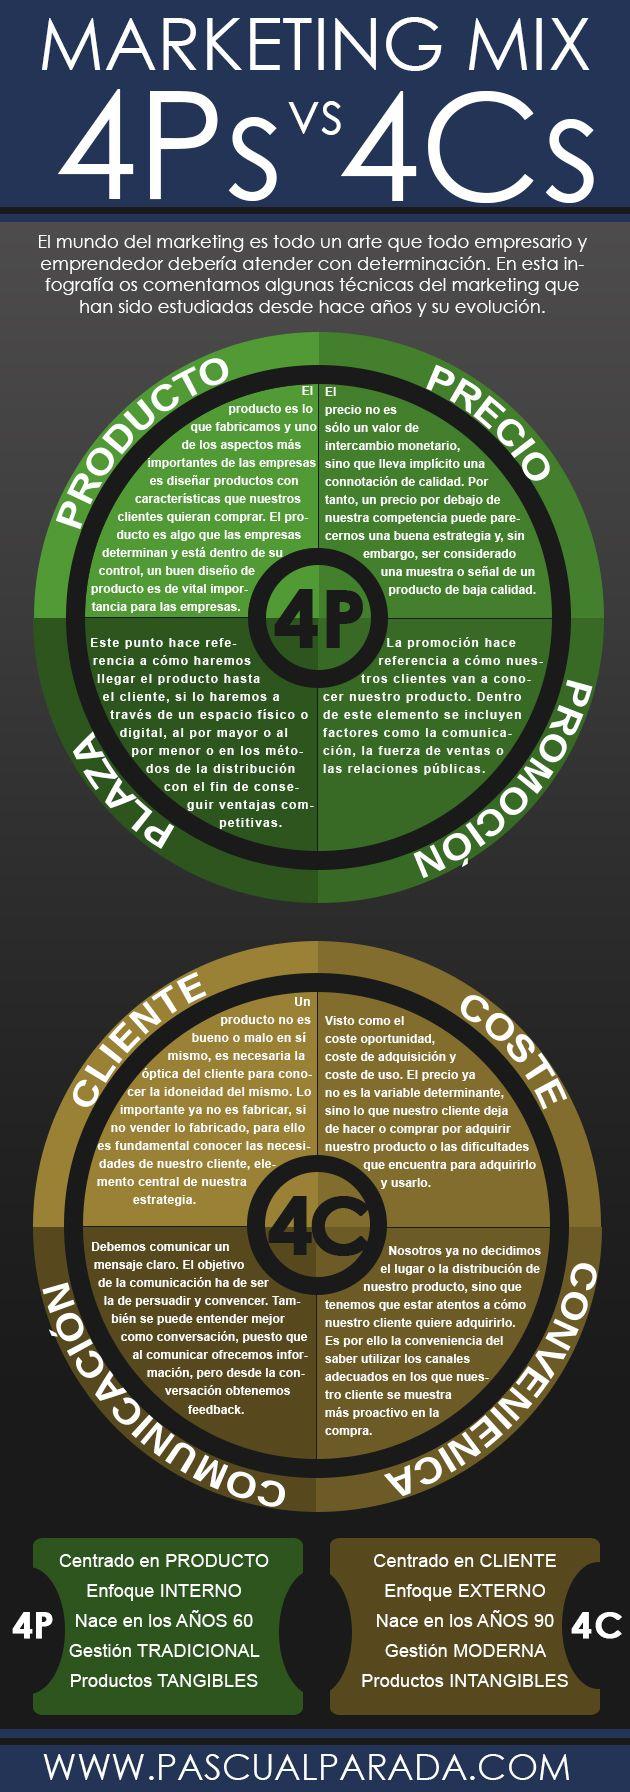 #Infografia sobre la herramienta del #marketing mix de las 4P y su evolución a las 4C #emprendedores